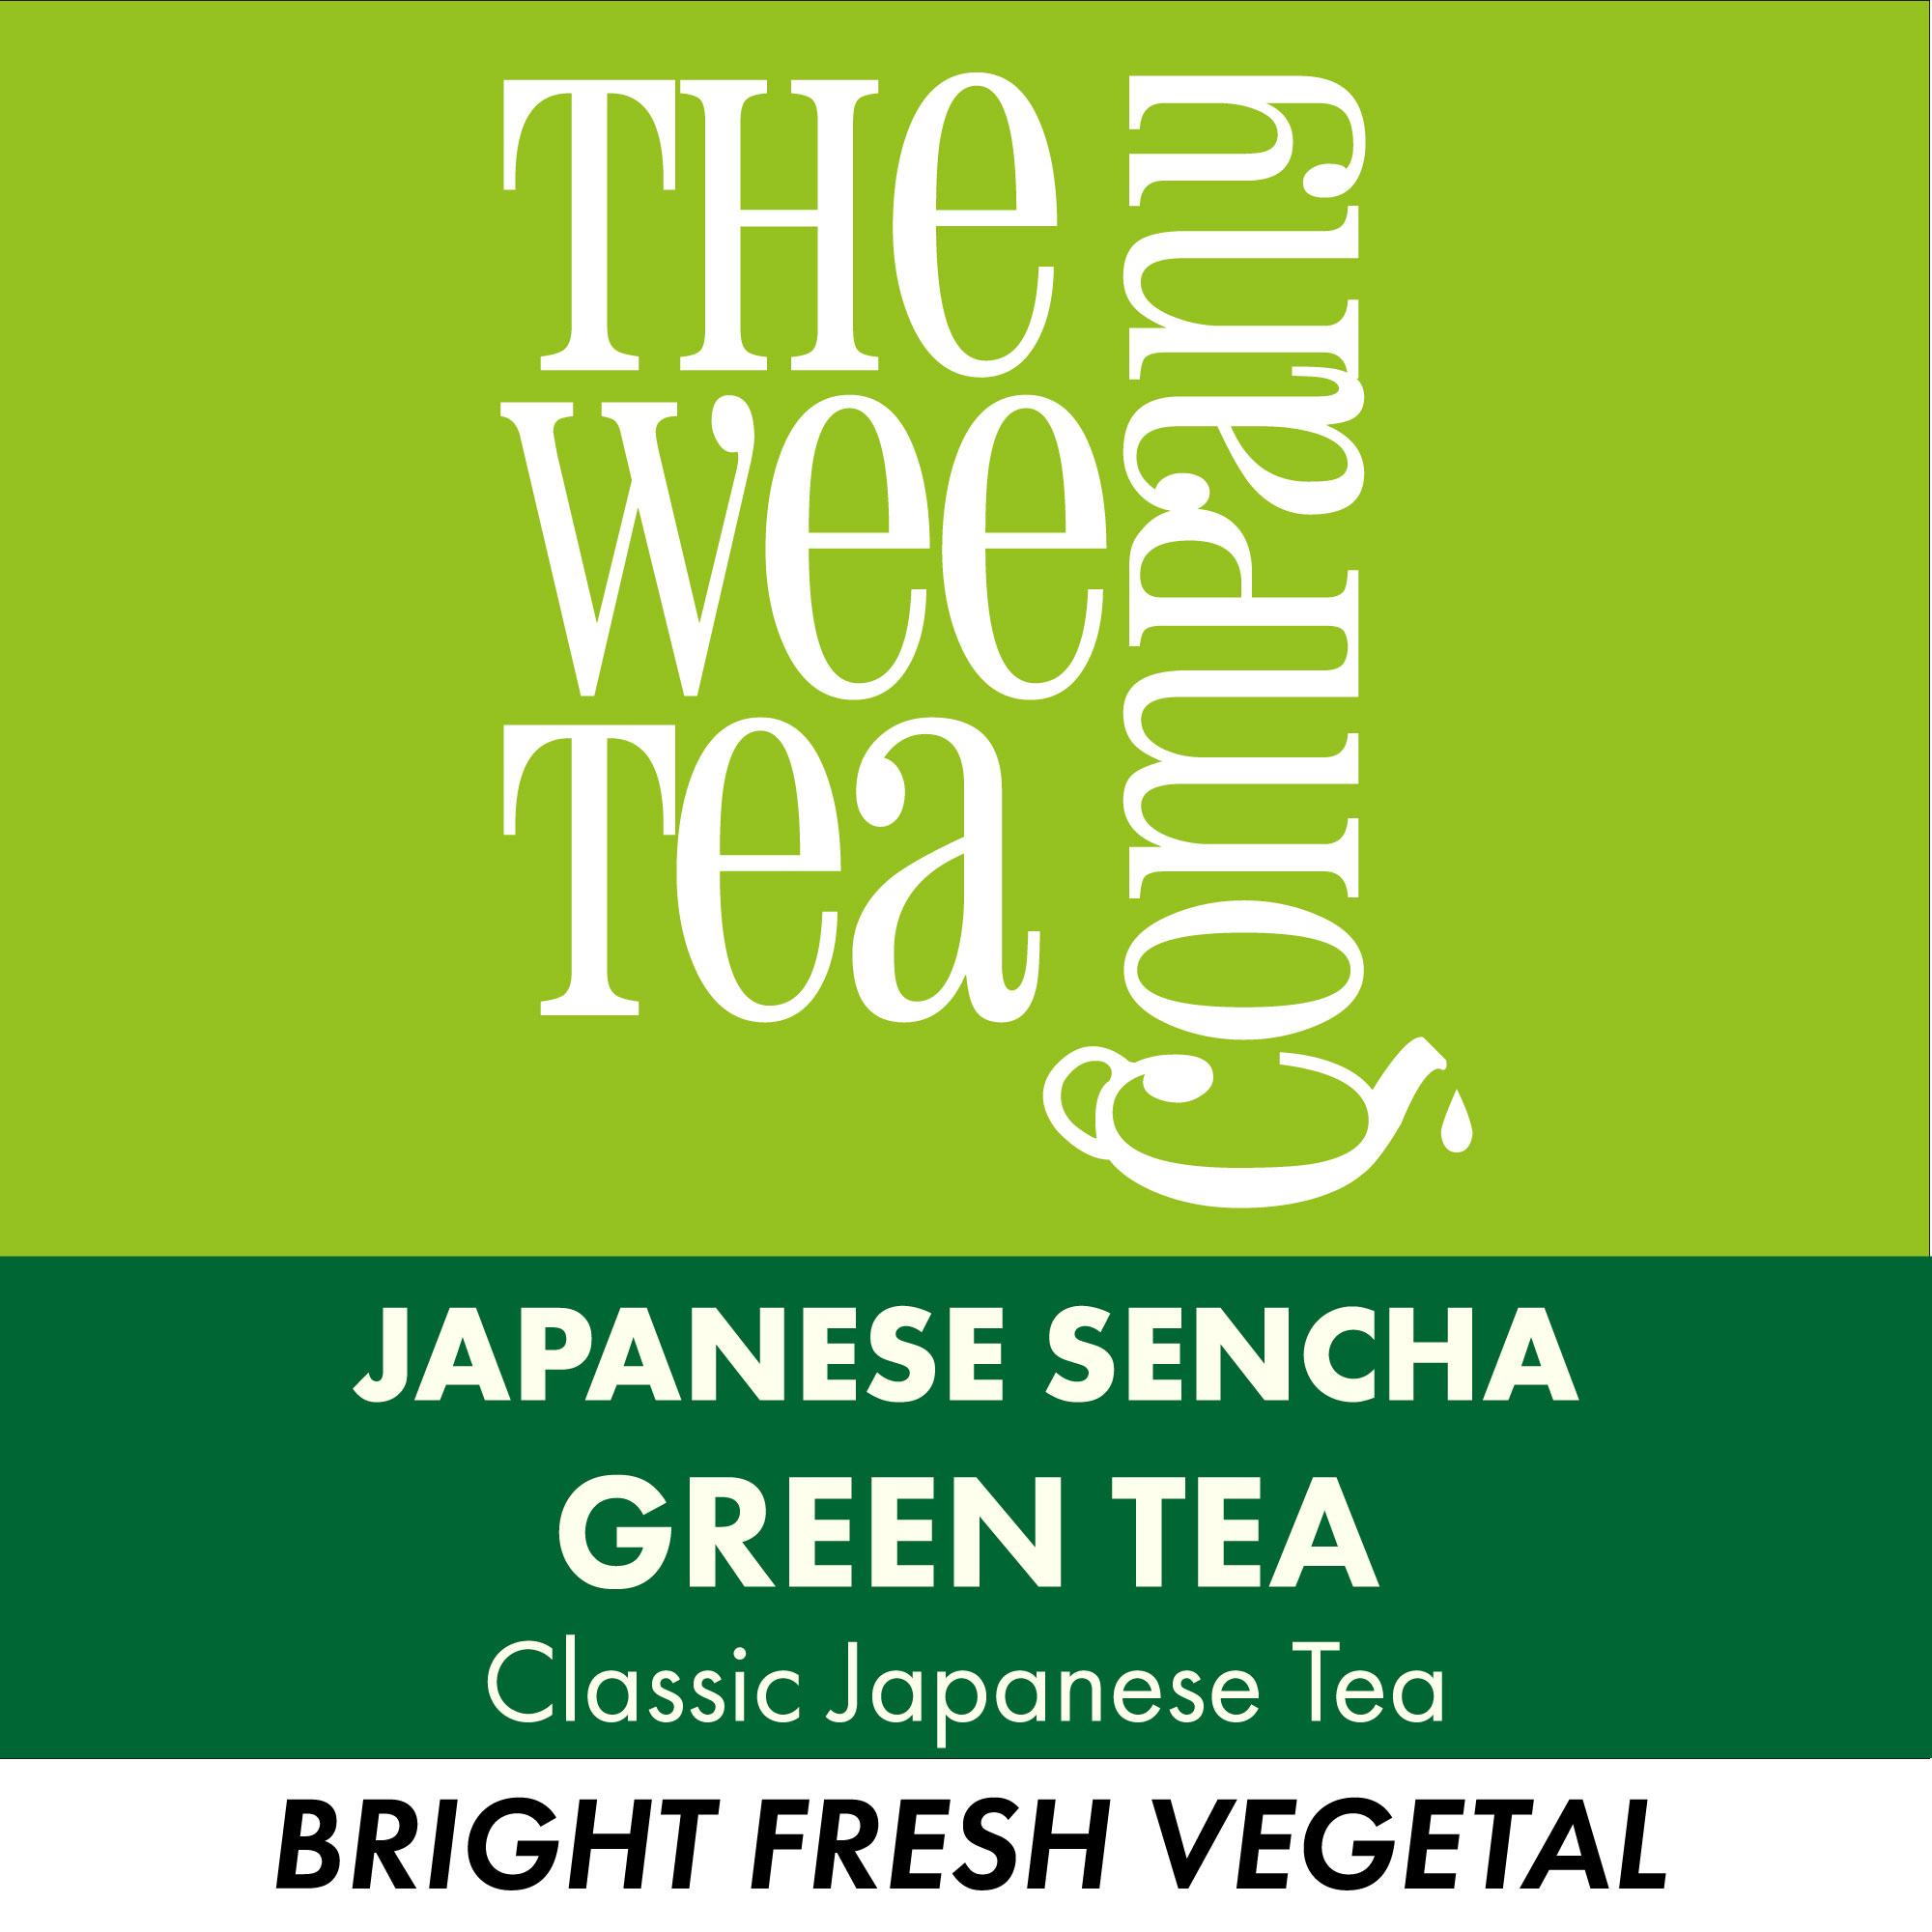 Japanese Sencha Green Tea